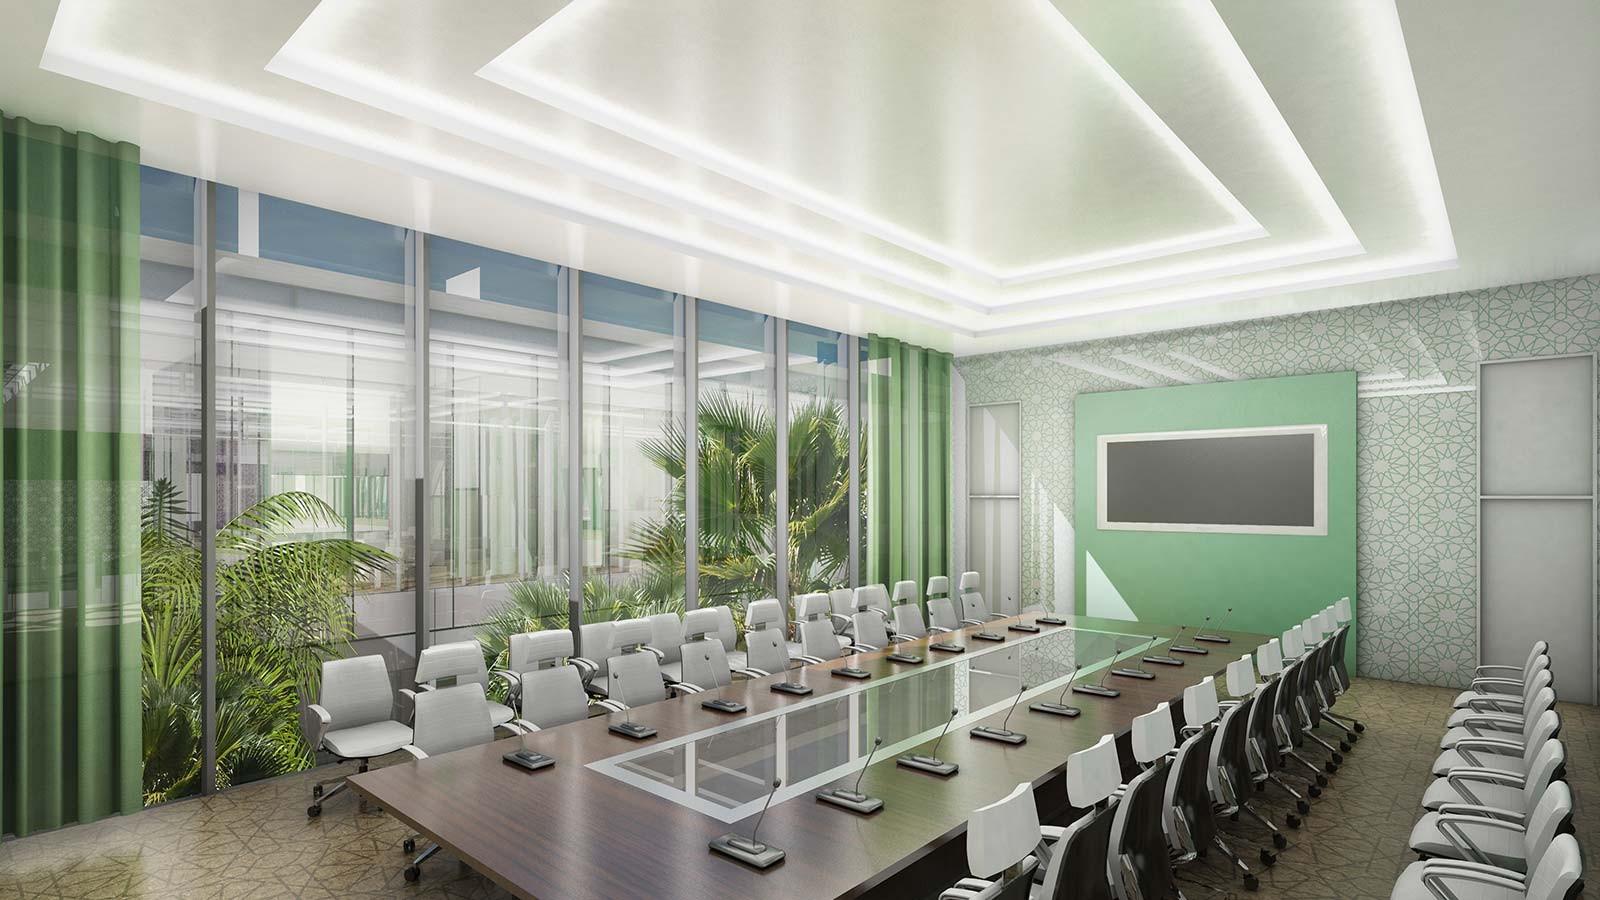 HRC Präsidenten Delegation Hall